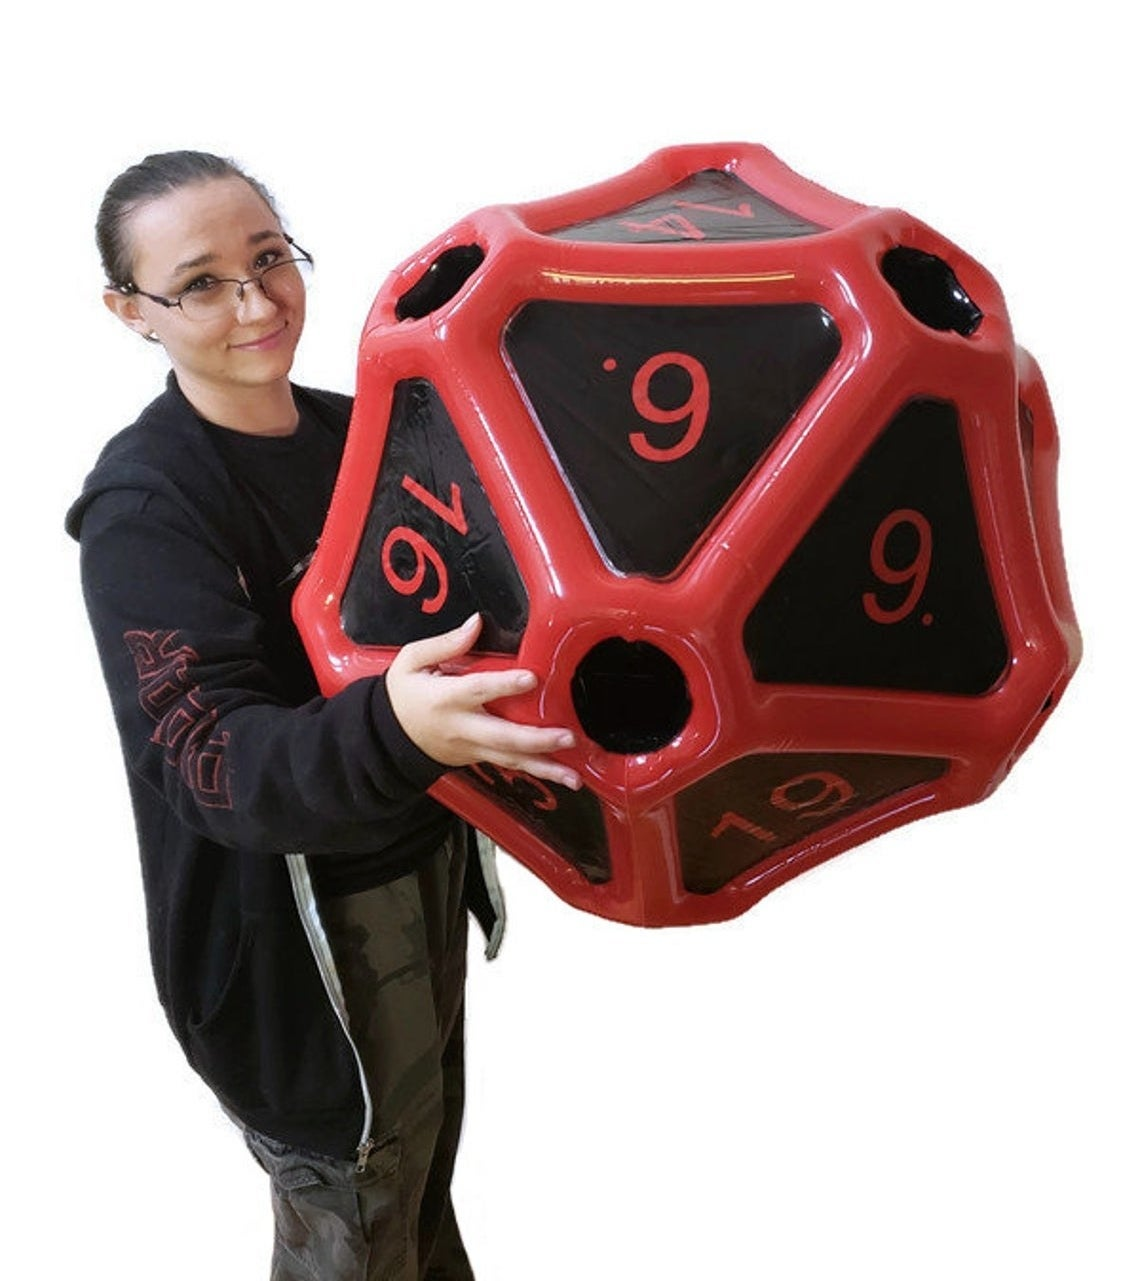 model holds huge inflatable die